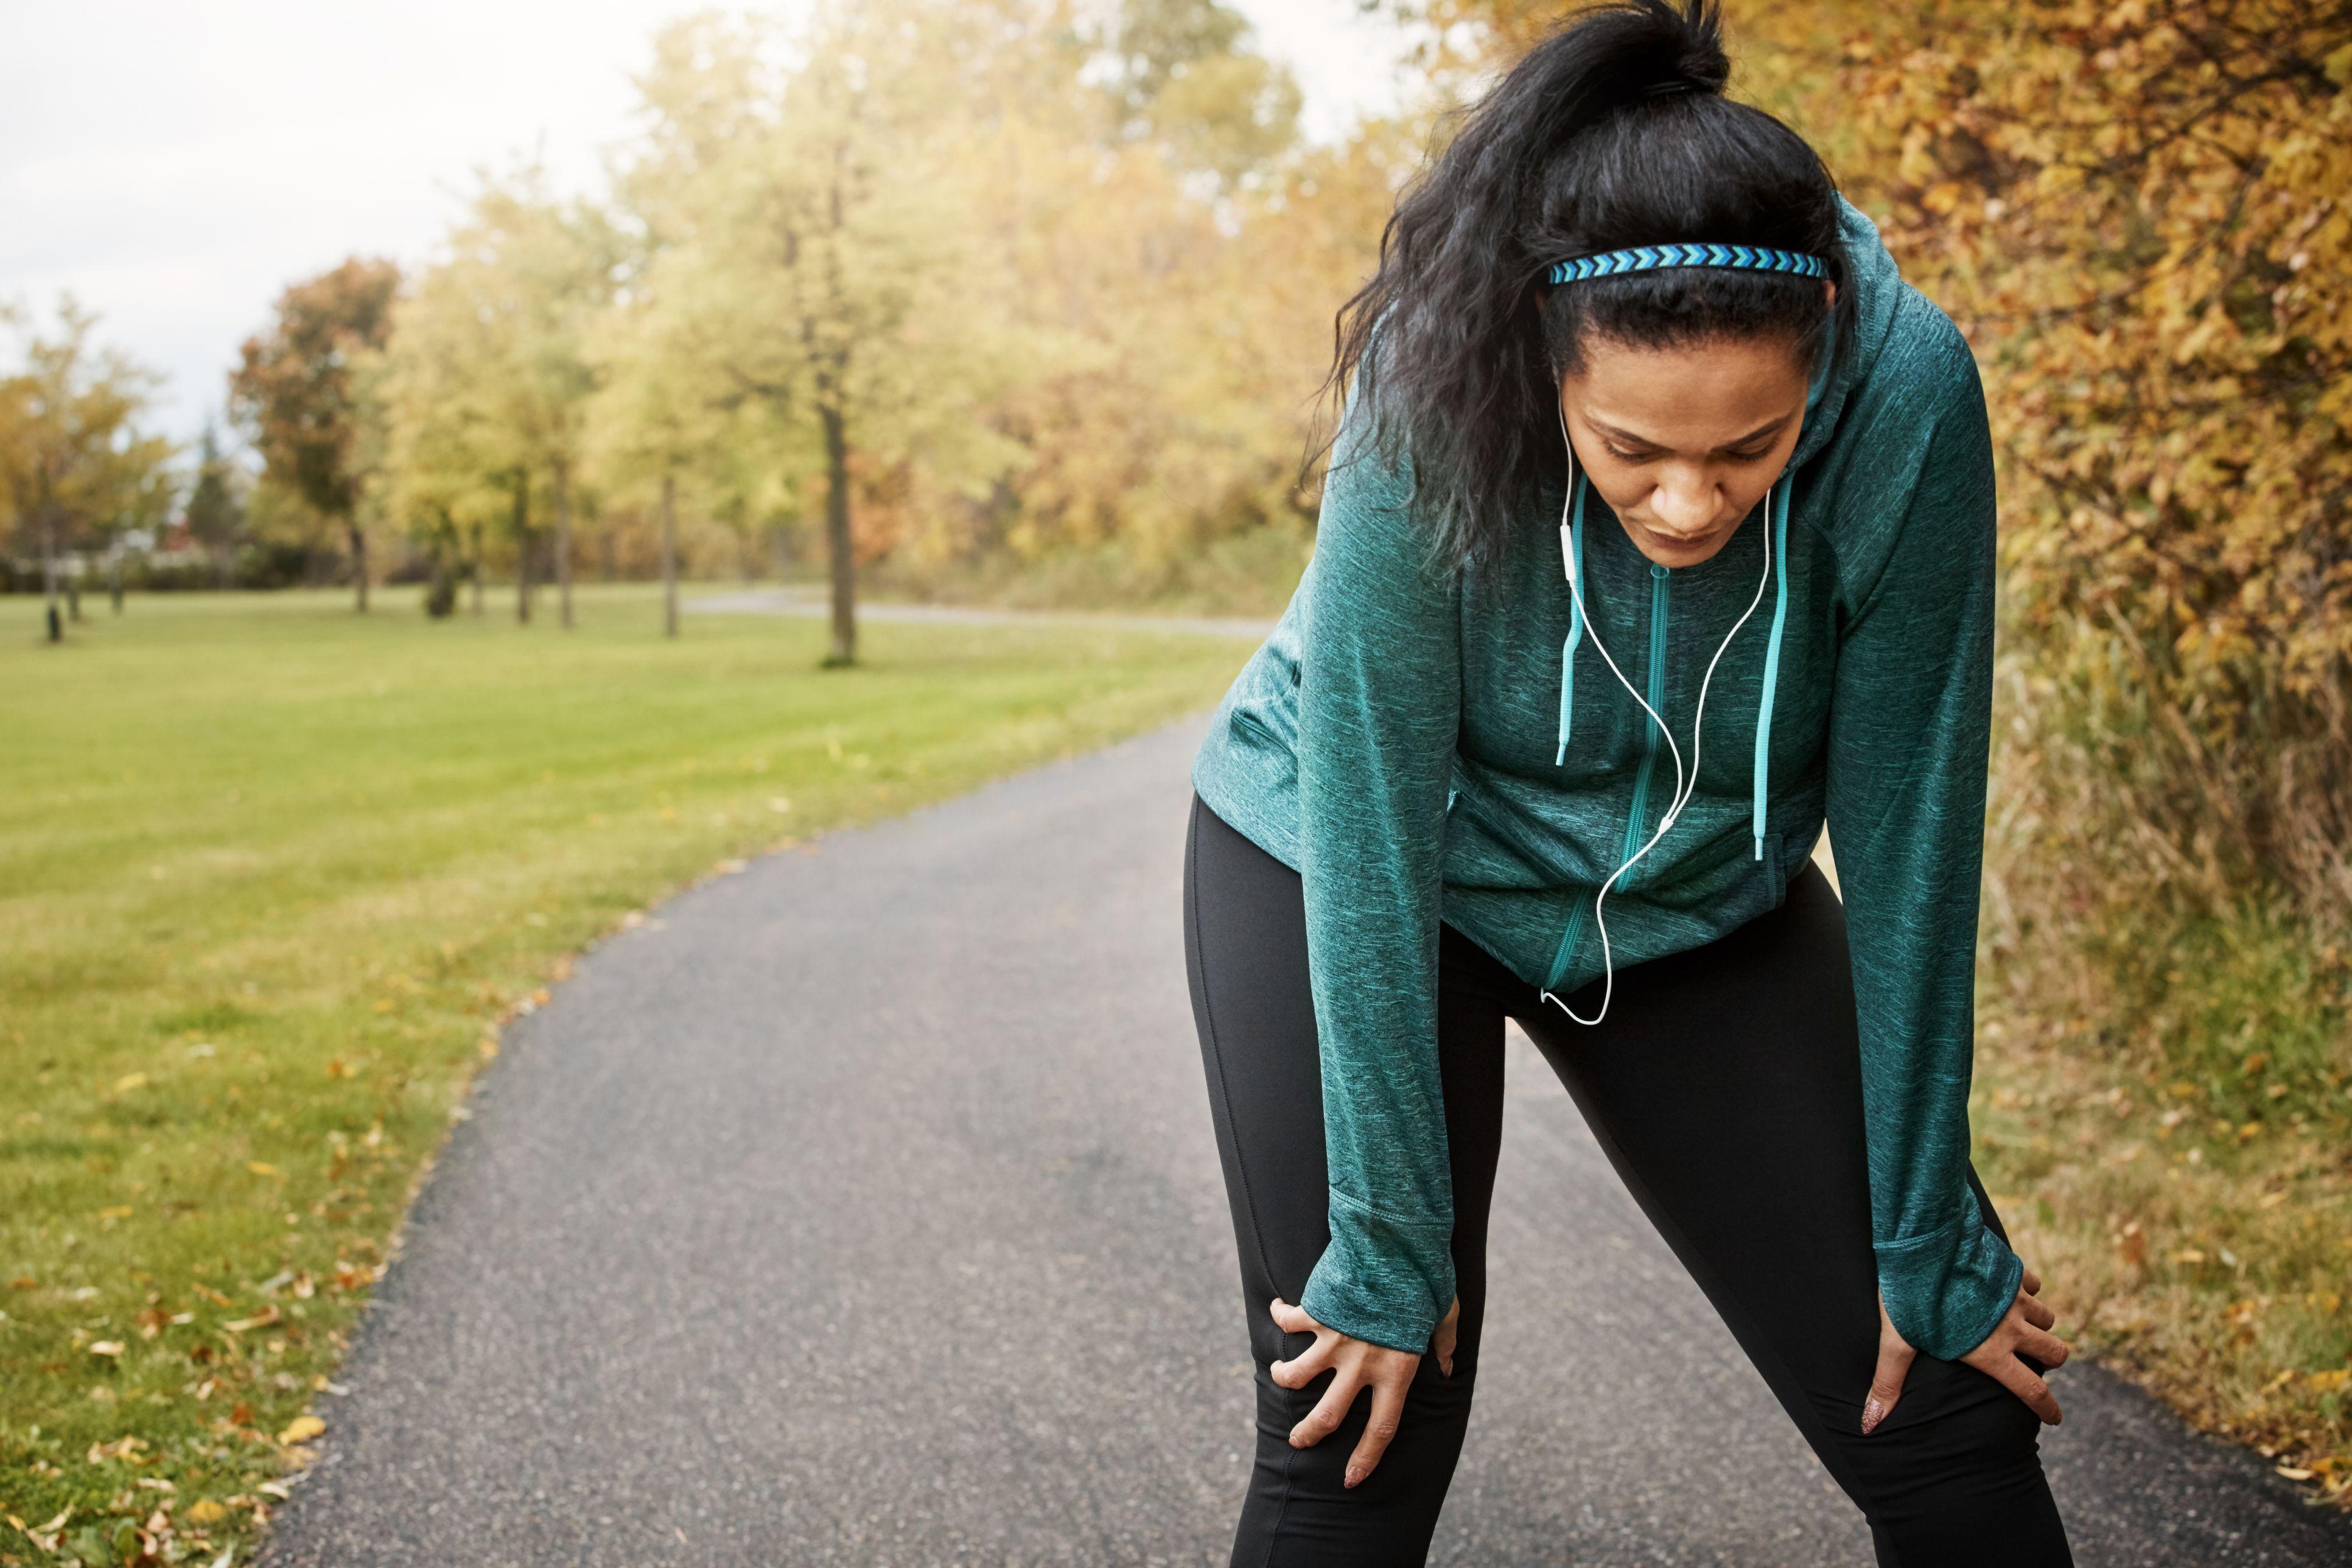 El ejercicio puede ser un desafío.  Hazlo de todos modos